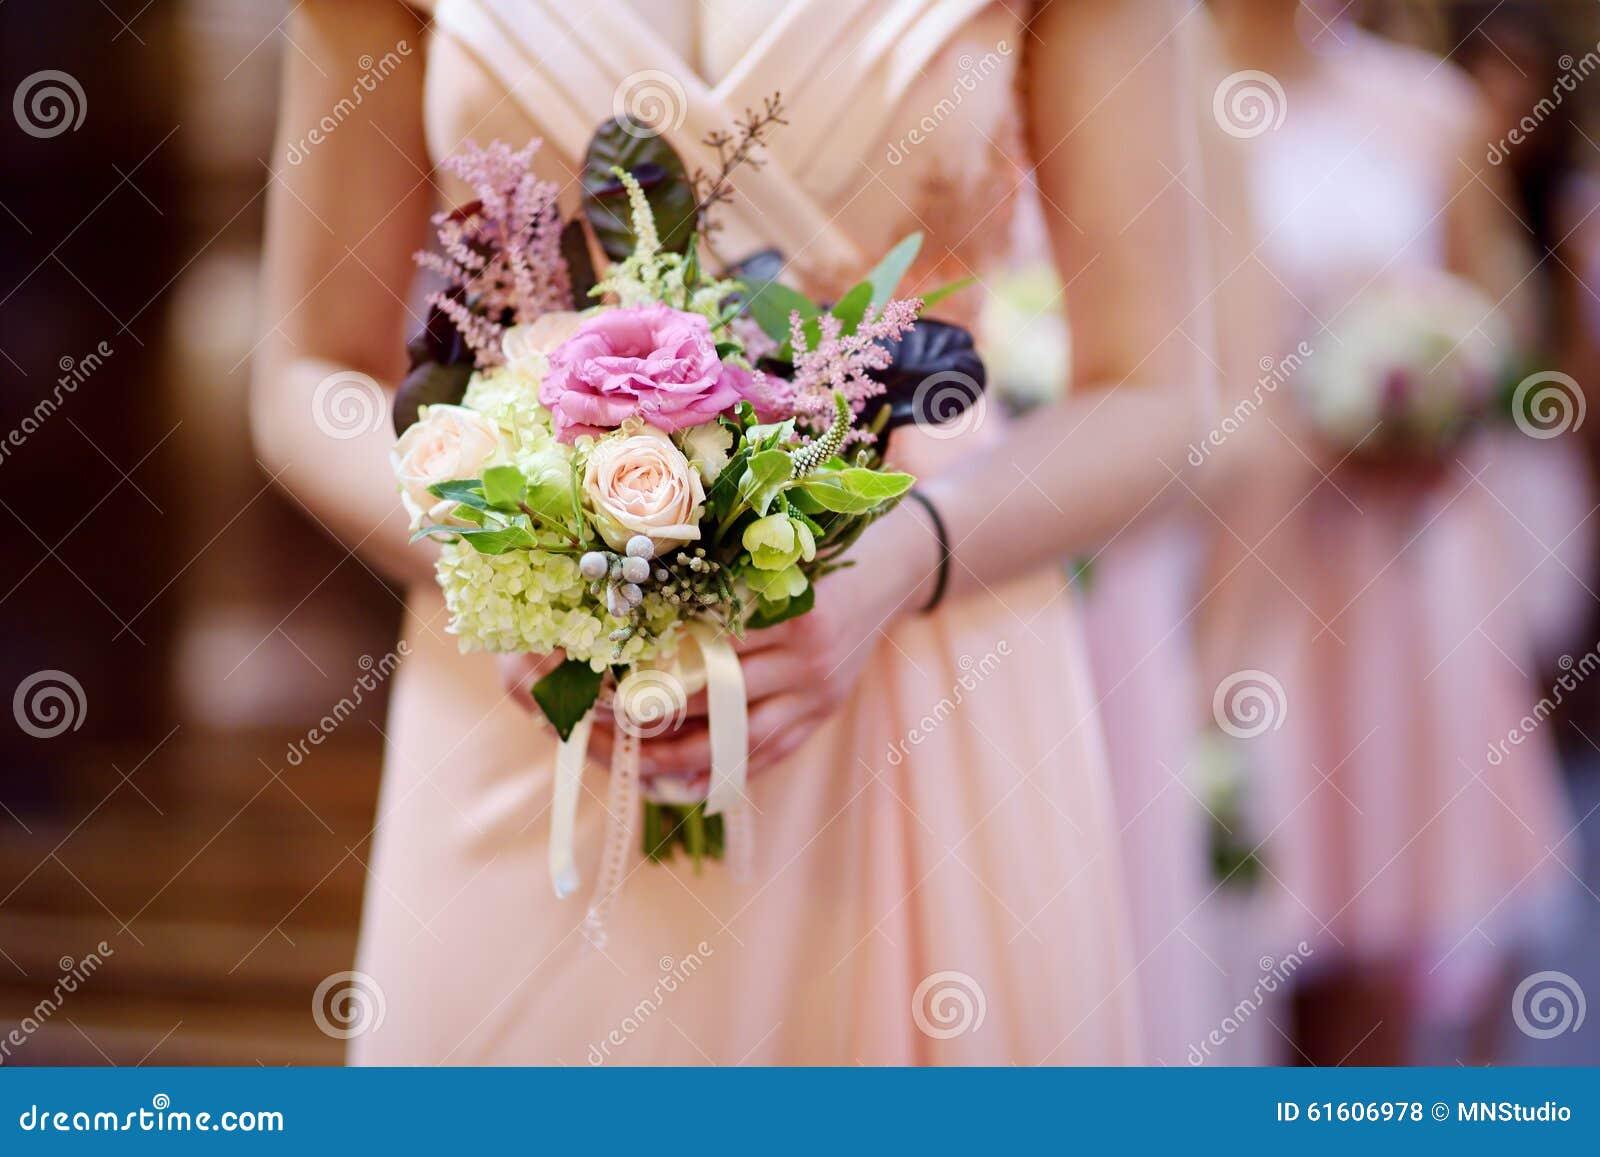 ligne des demoiselles d'honneur avec des bouquets au mariage photo